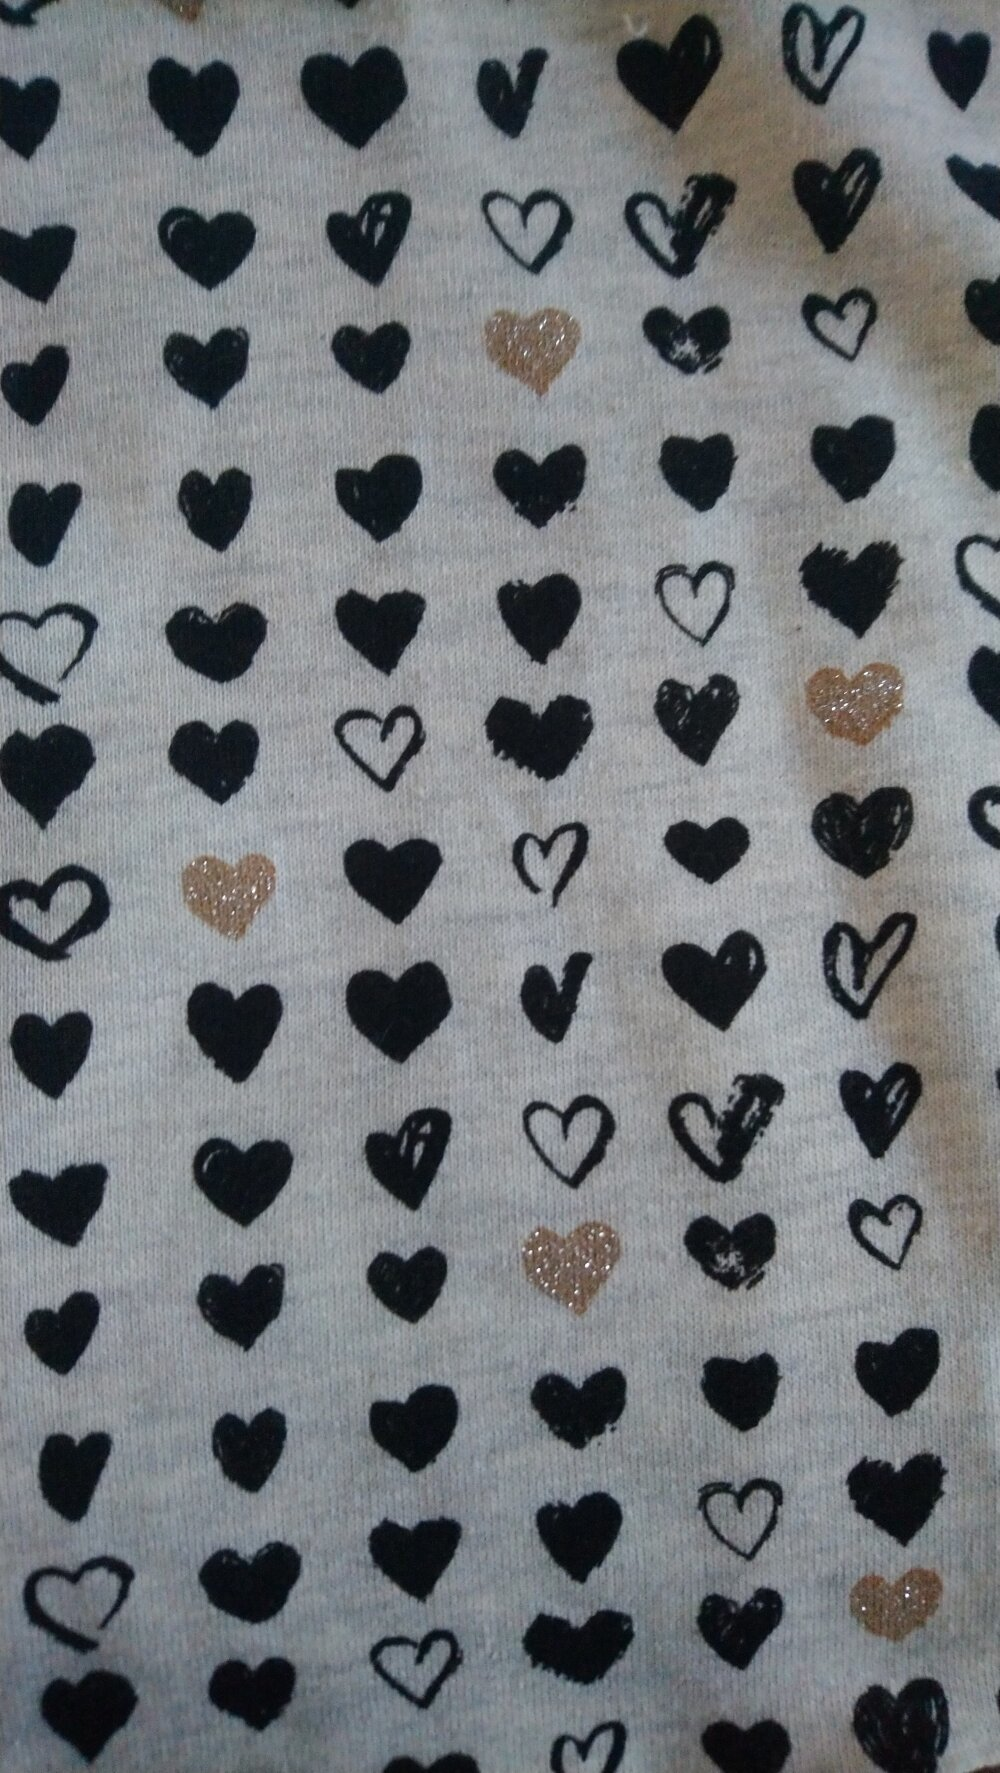 ensemble pour bébé - chaud hiver- tissus tout doux avec cœurs pailletés certifié oeko-tex idée cadeau de naissance